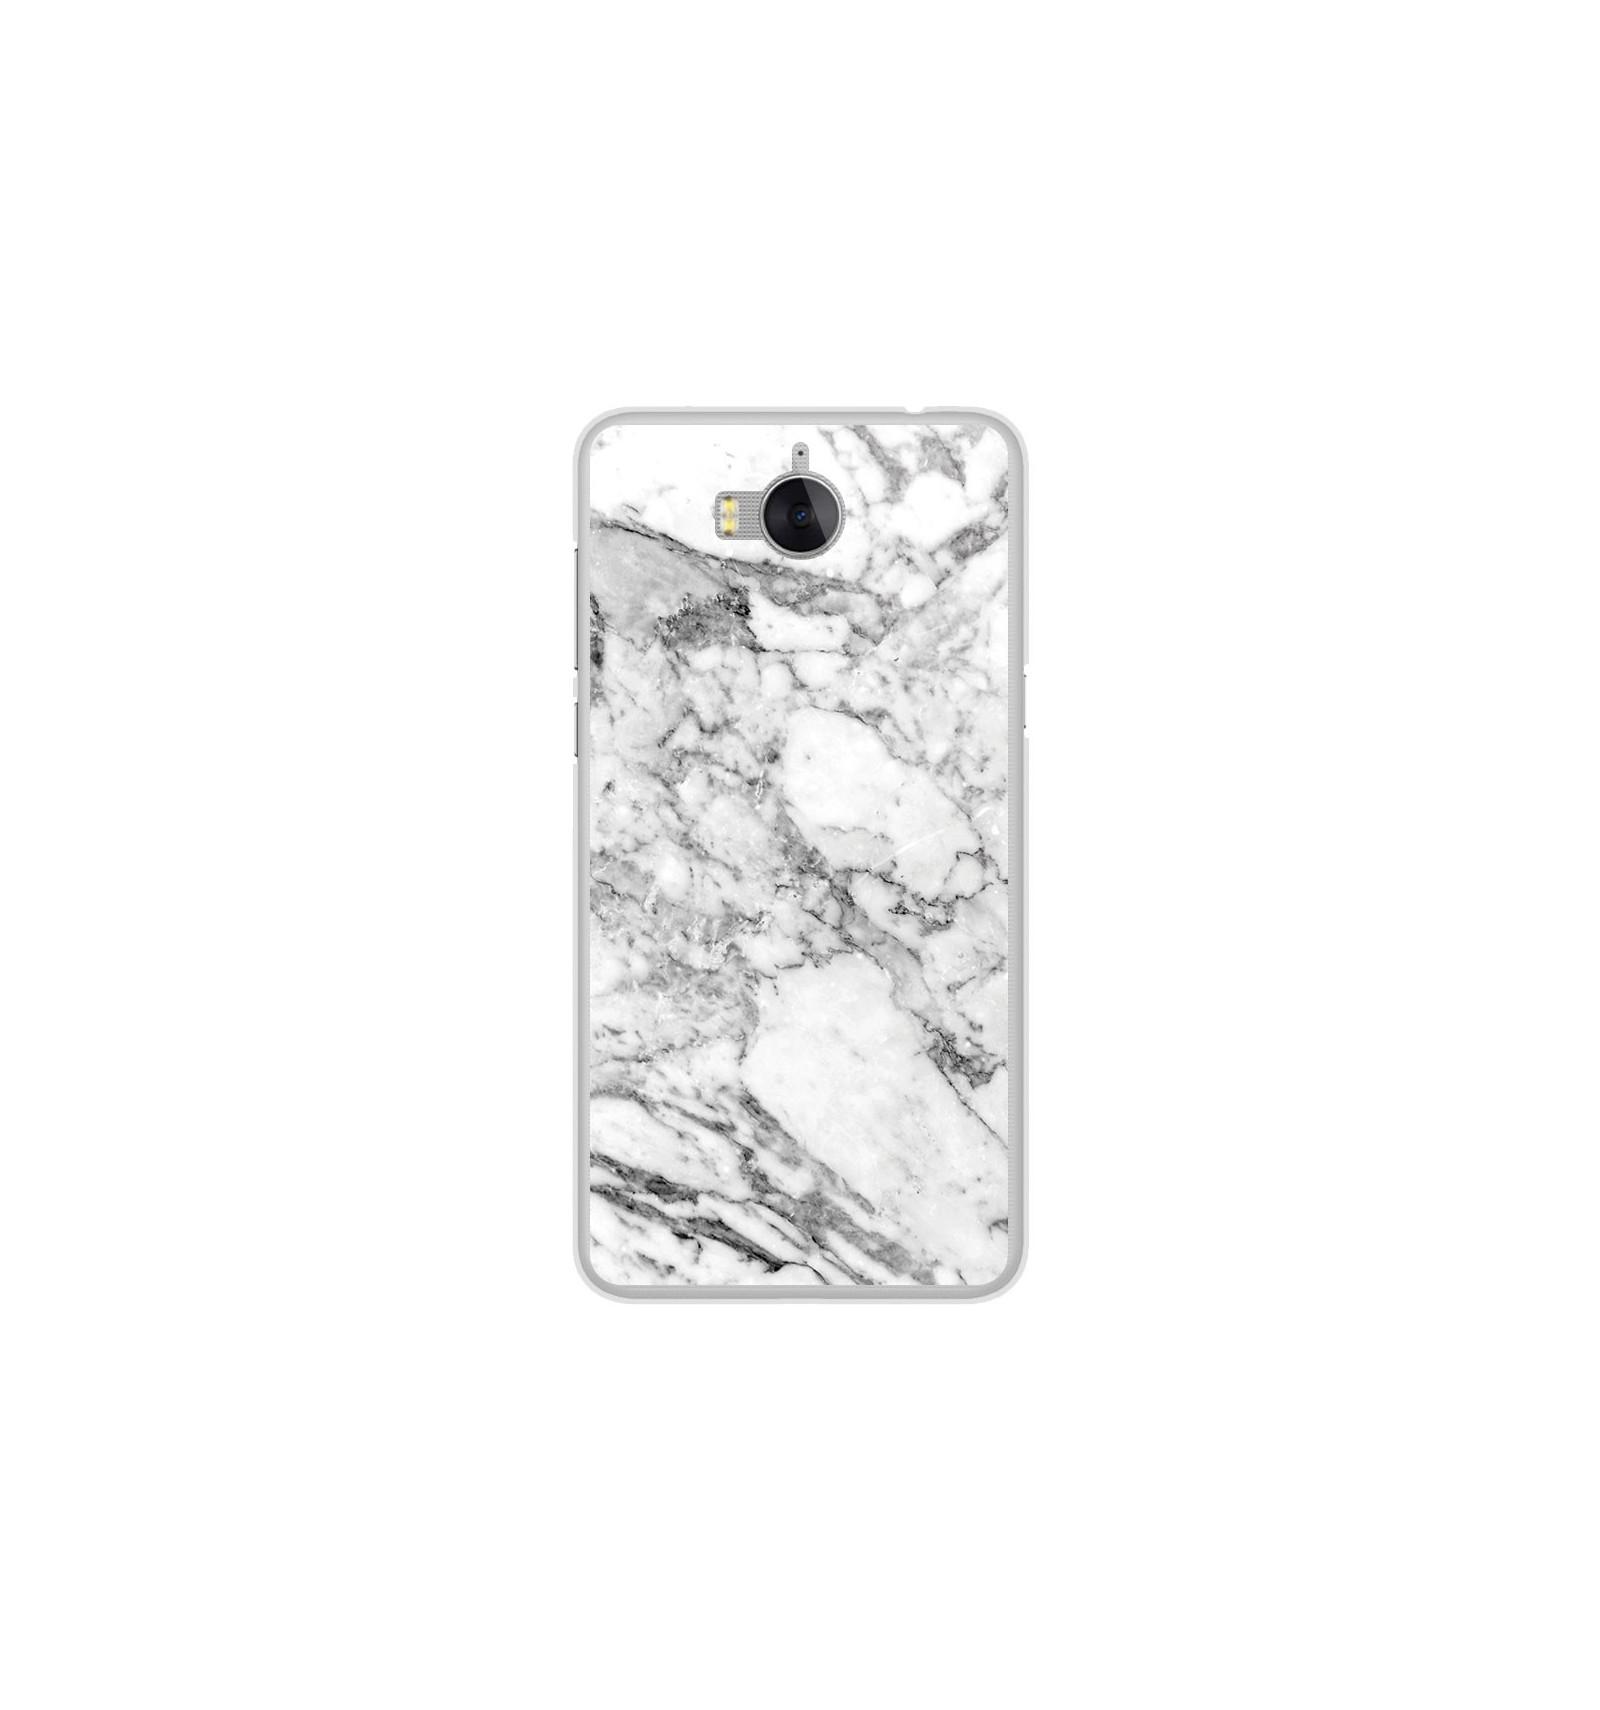 Coque en silicone Huawei Y6 2017 - Marbre Blanc